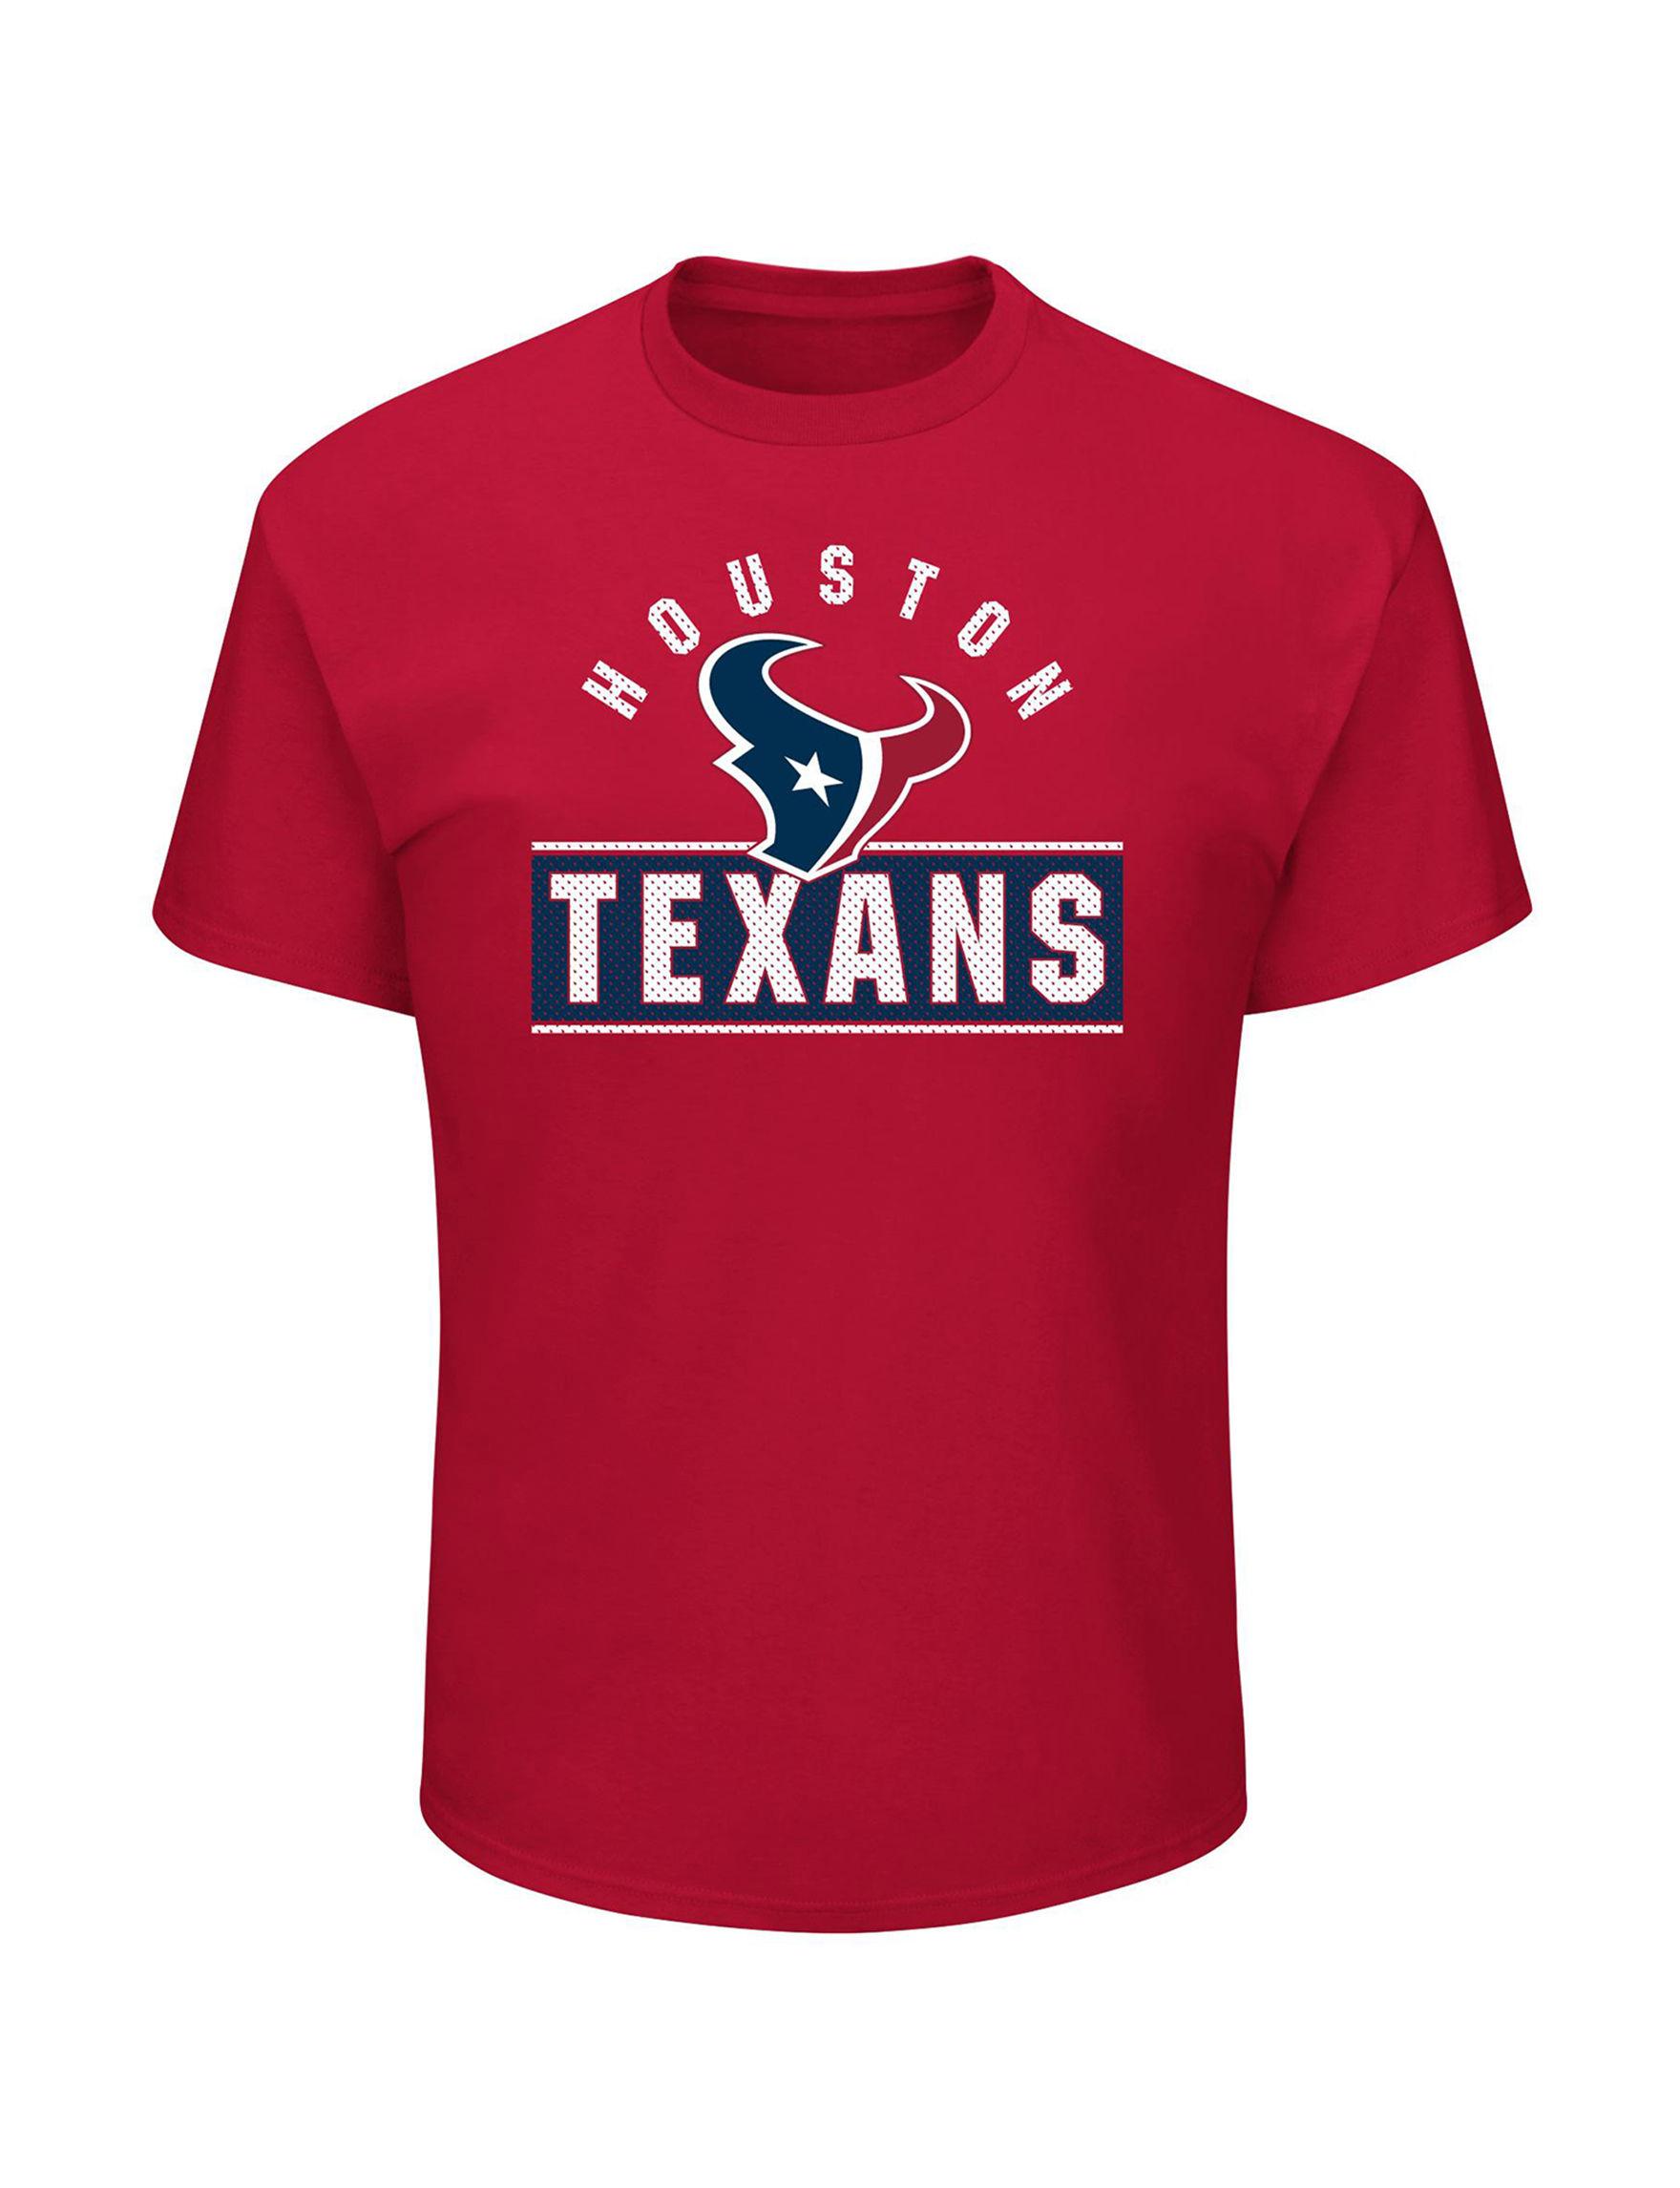 NFL Red Tees & Tanks NFL